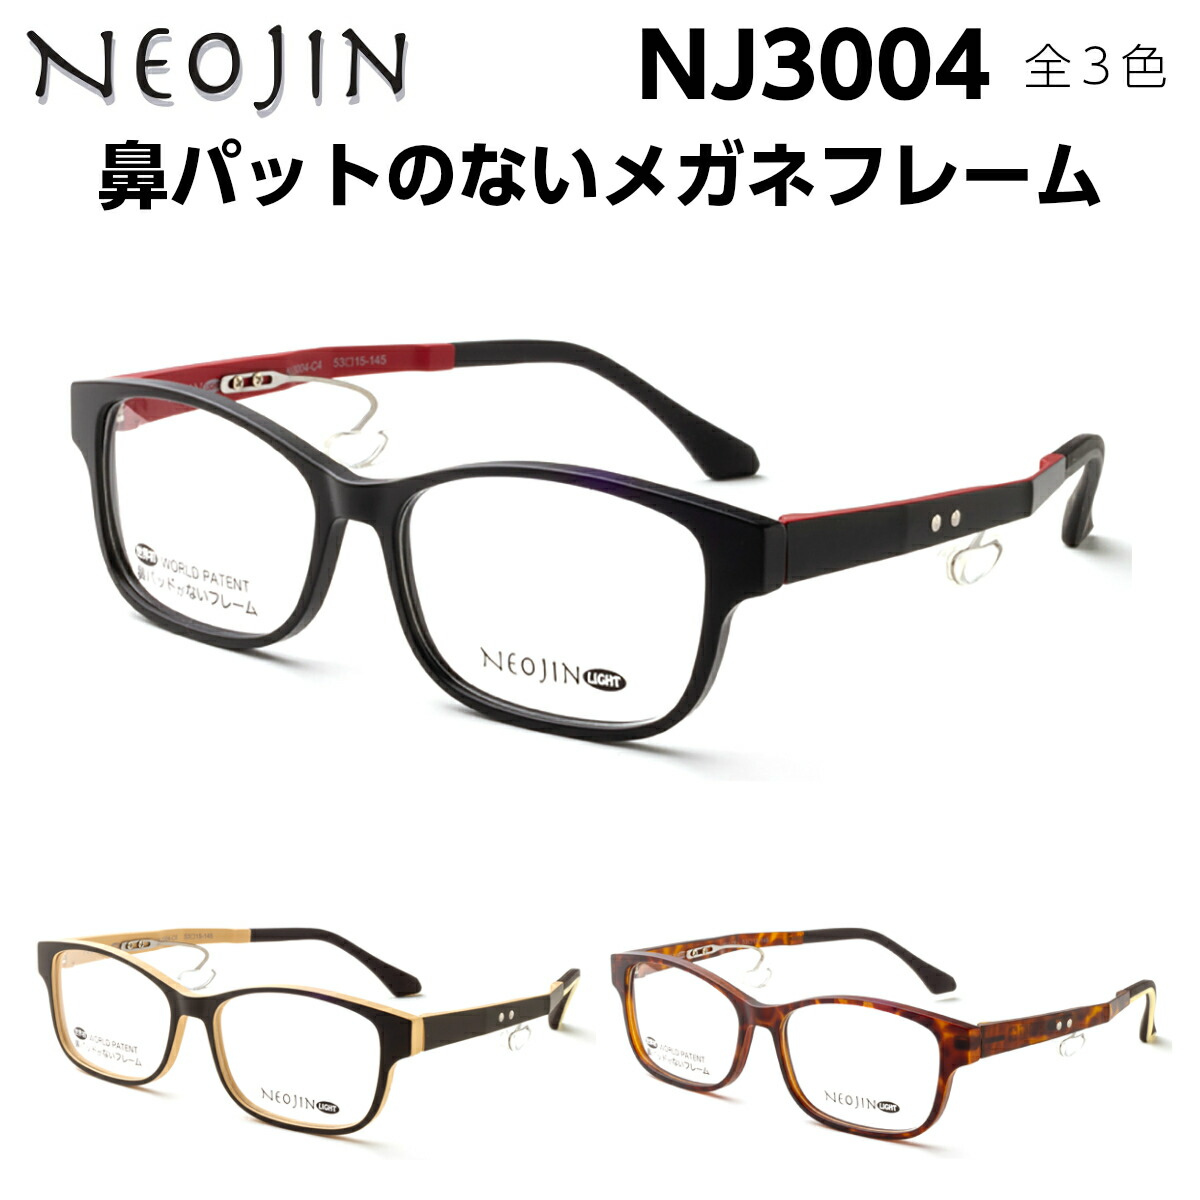 NEOJIN ネオジン 鼻パットがないメガネ NJ3004 全3色 neojin メンズ レディース ユニセックス パットがない 化粧が落ちない 跡 なし 形状記憶 ウルテム めがね 眼鏡 メガネ 度付き対応 おしゃれ